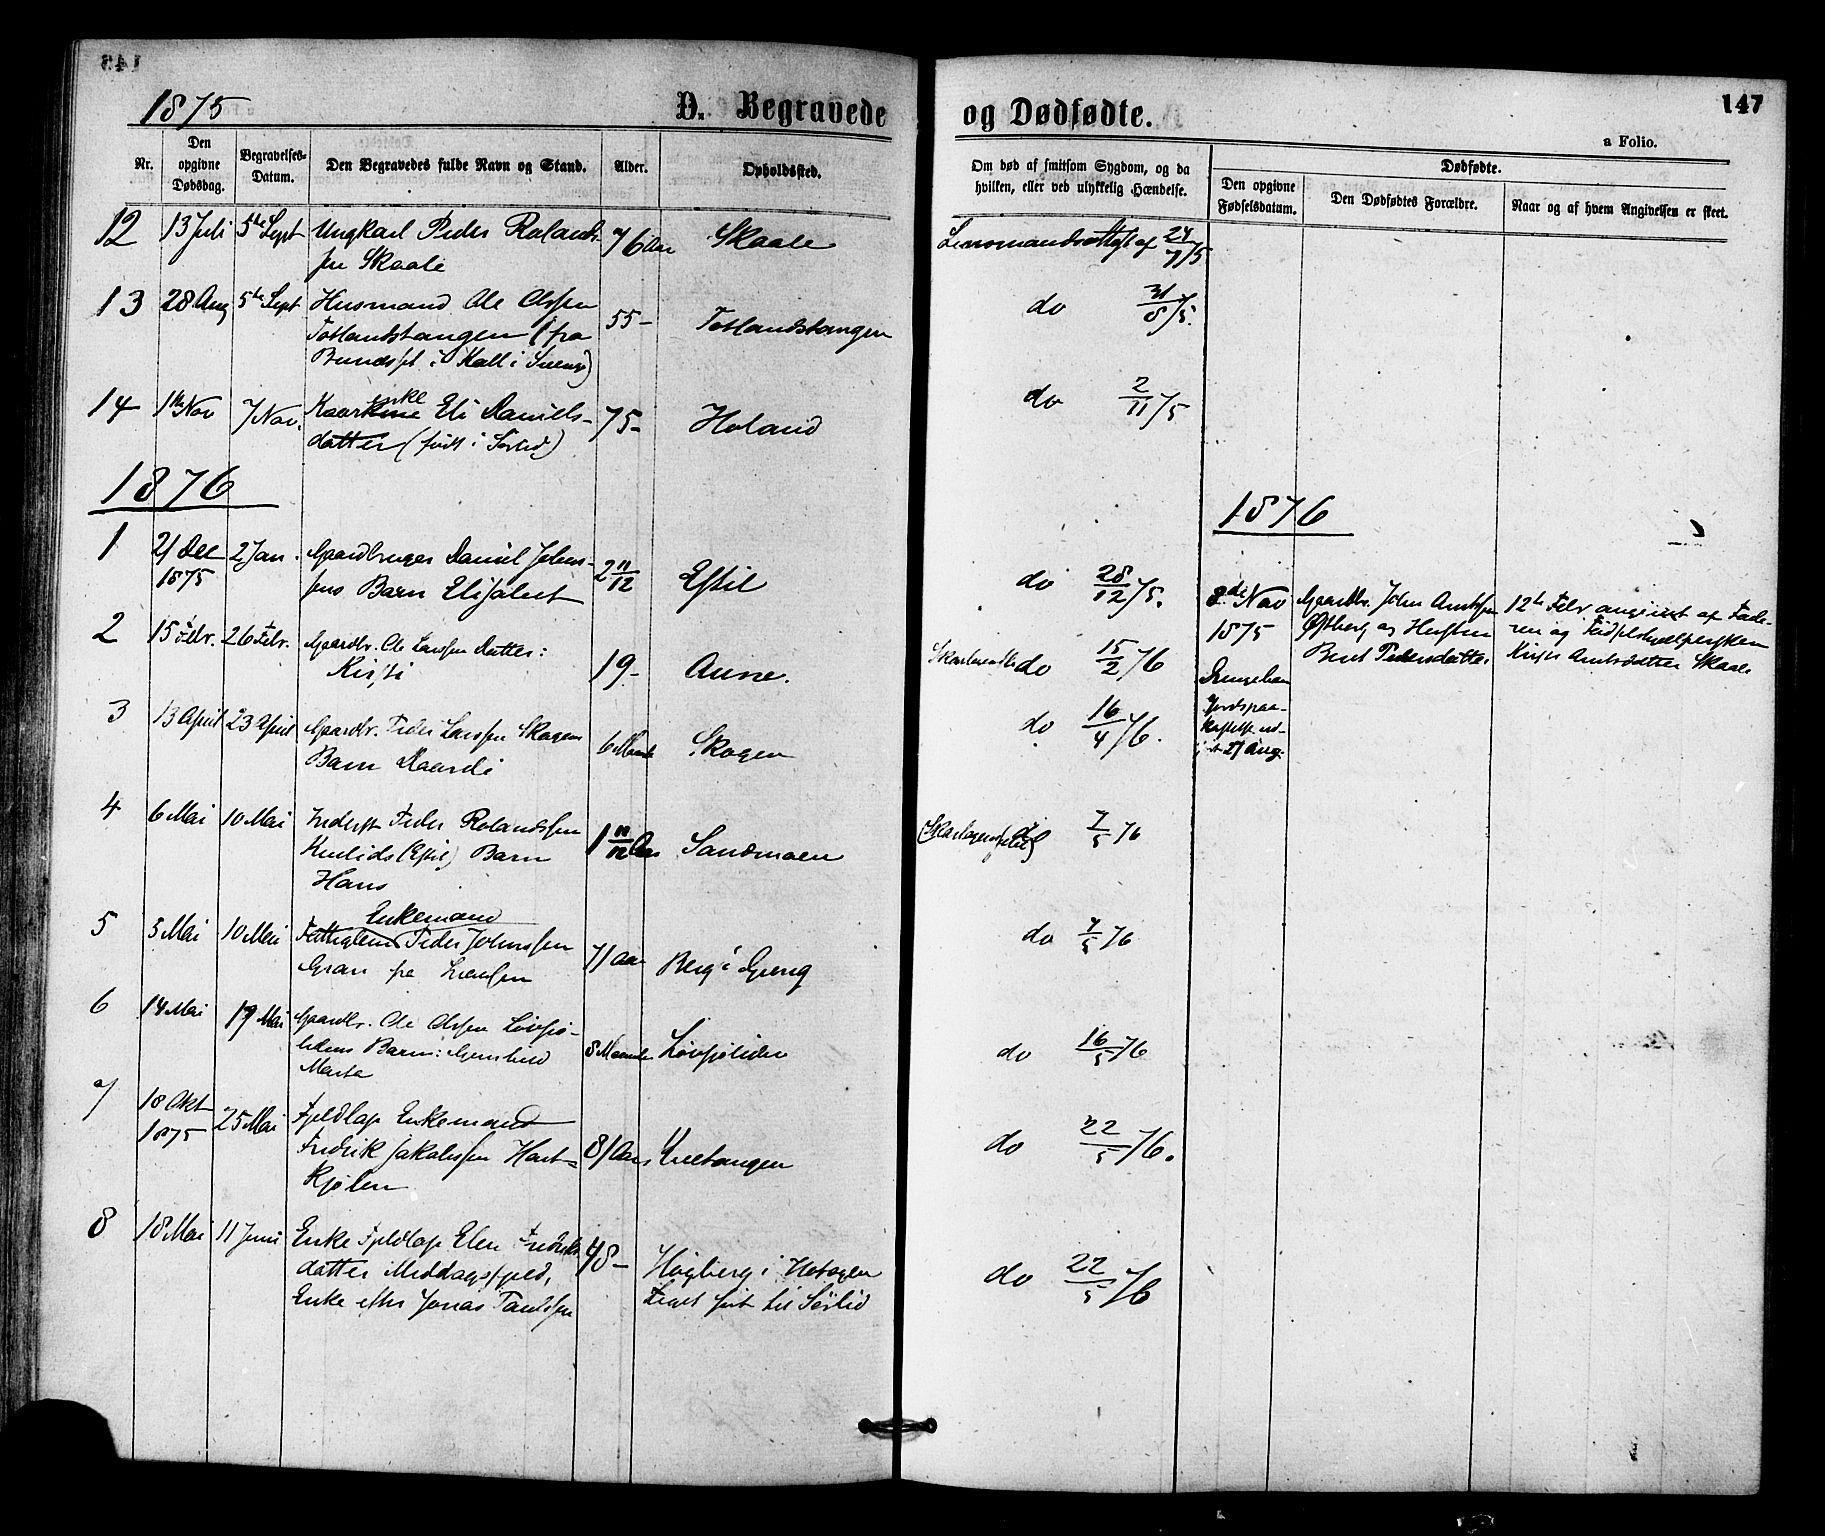 SAT, Ministerialprotokoller, klokkerbøker og fødselsregistre - Nord-Trøndelag, 755/L0493: Ministerialbok nr. 755A02, 1865-1881, s. 147